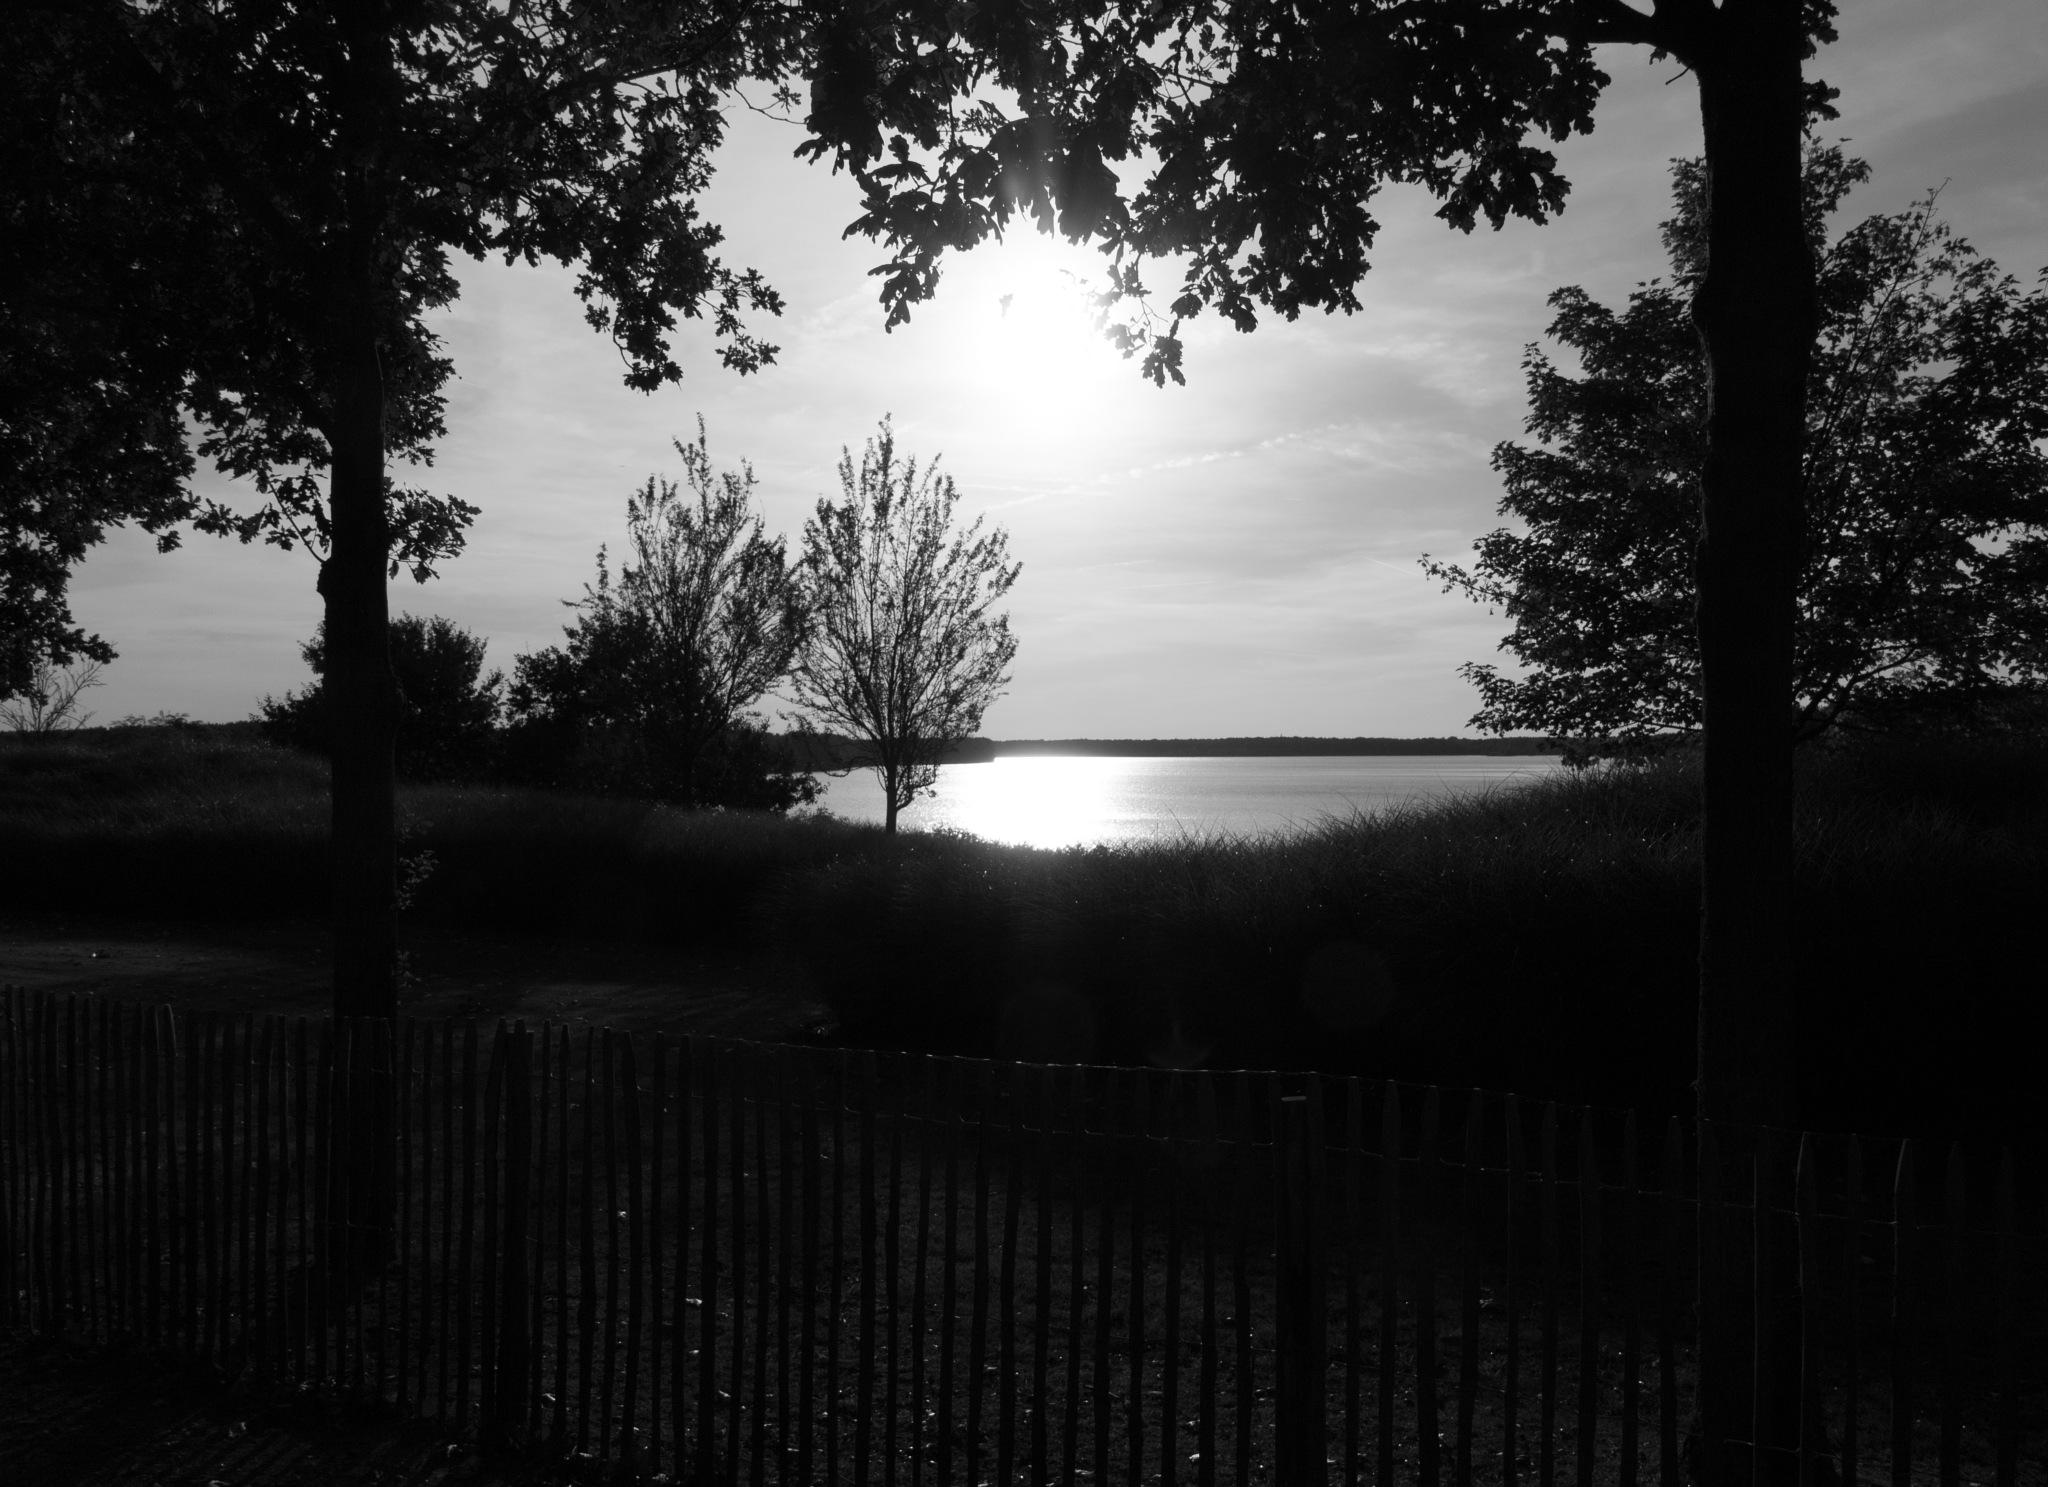 Ondergaande zon in de herfst. by KrisSchellekens